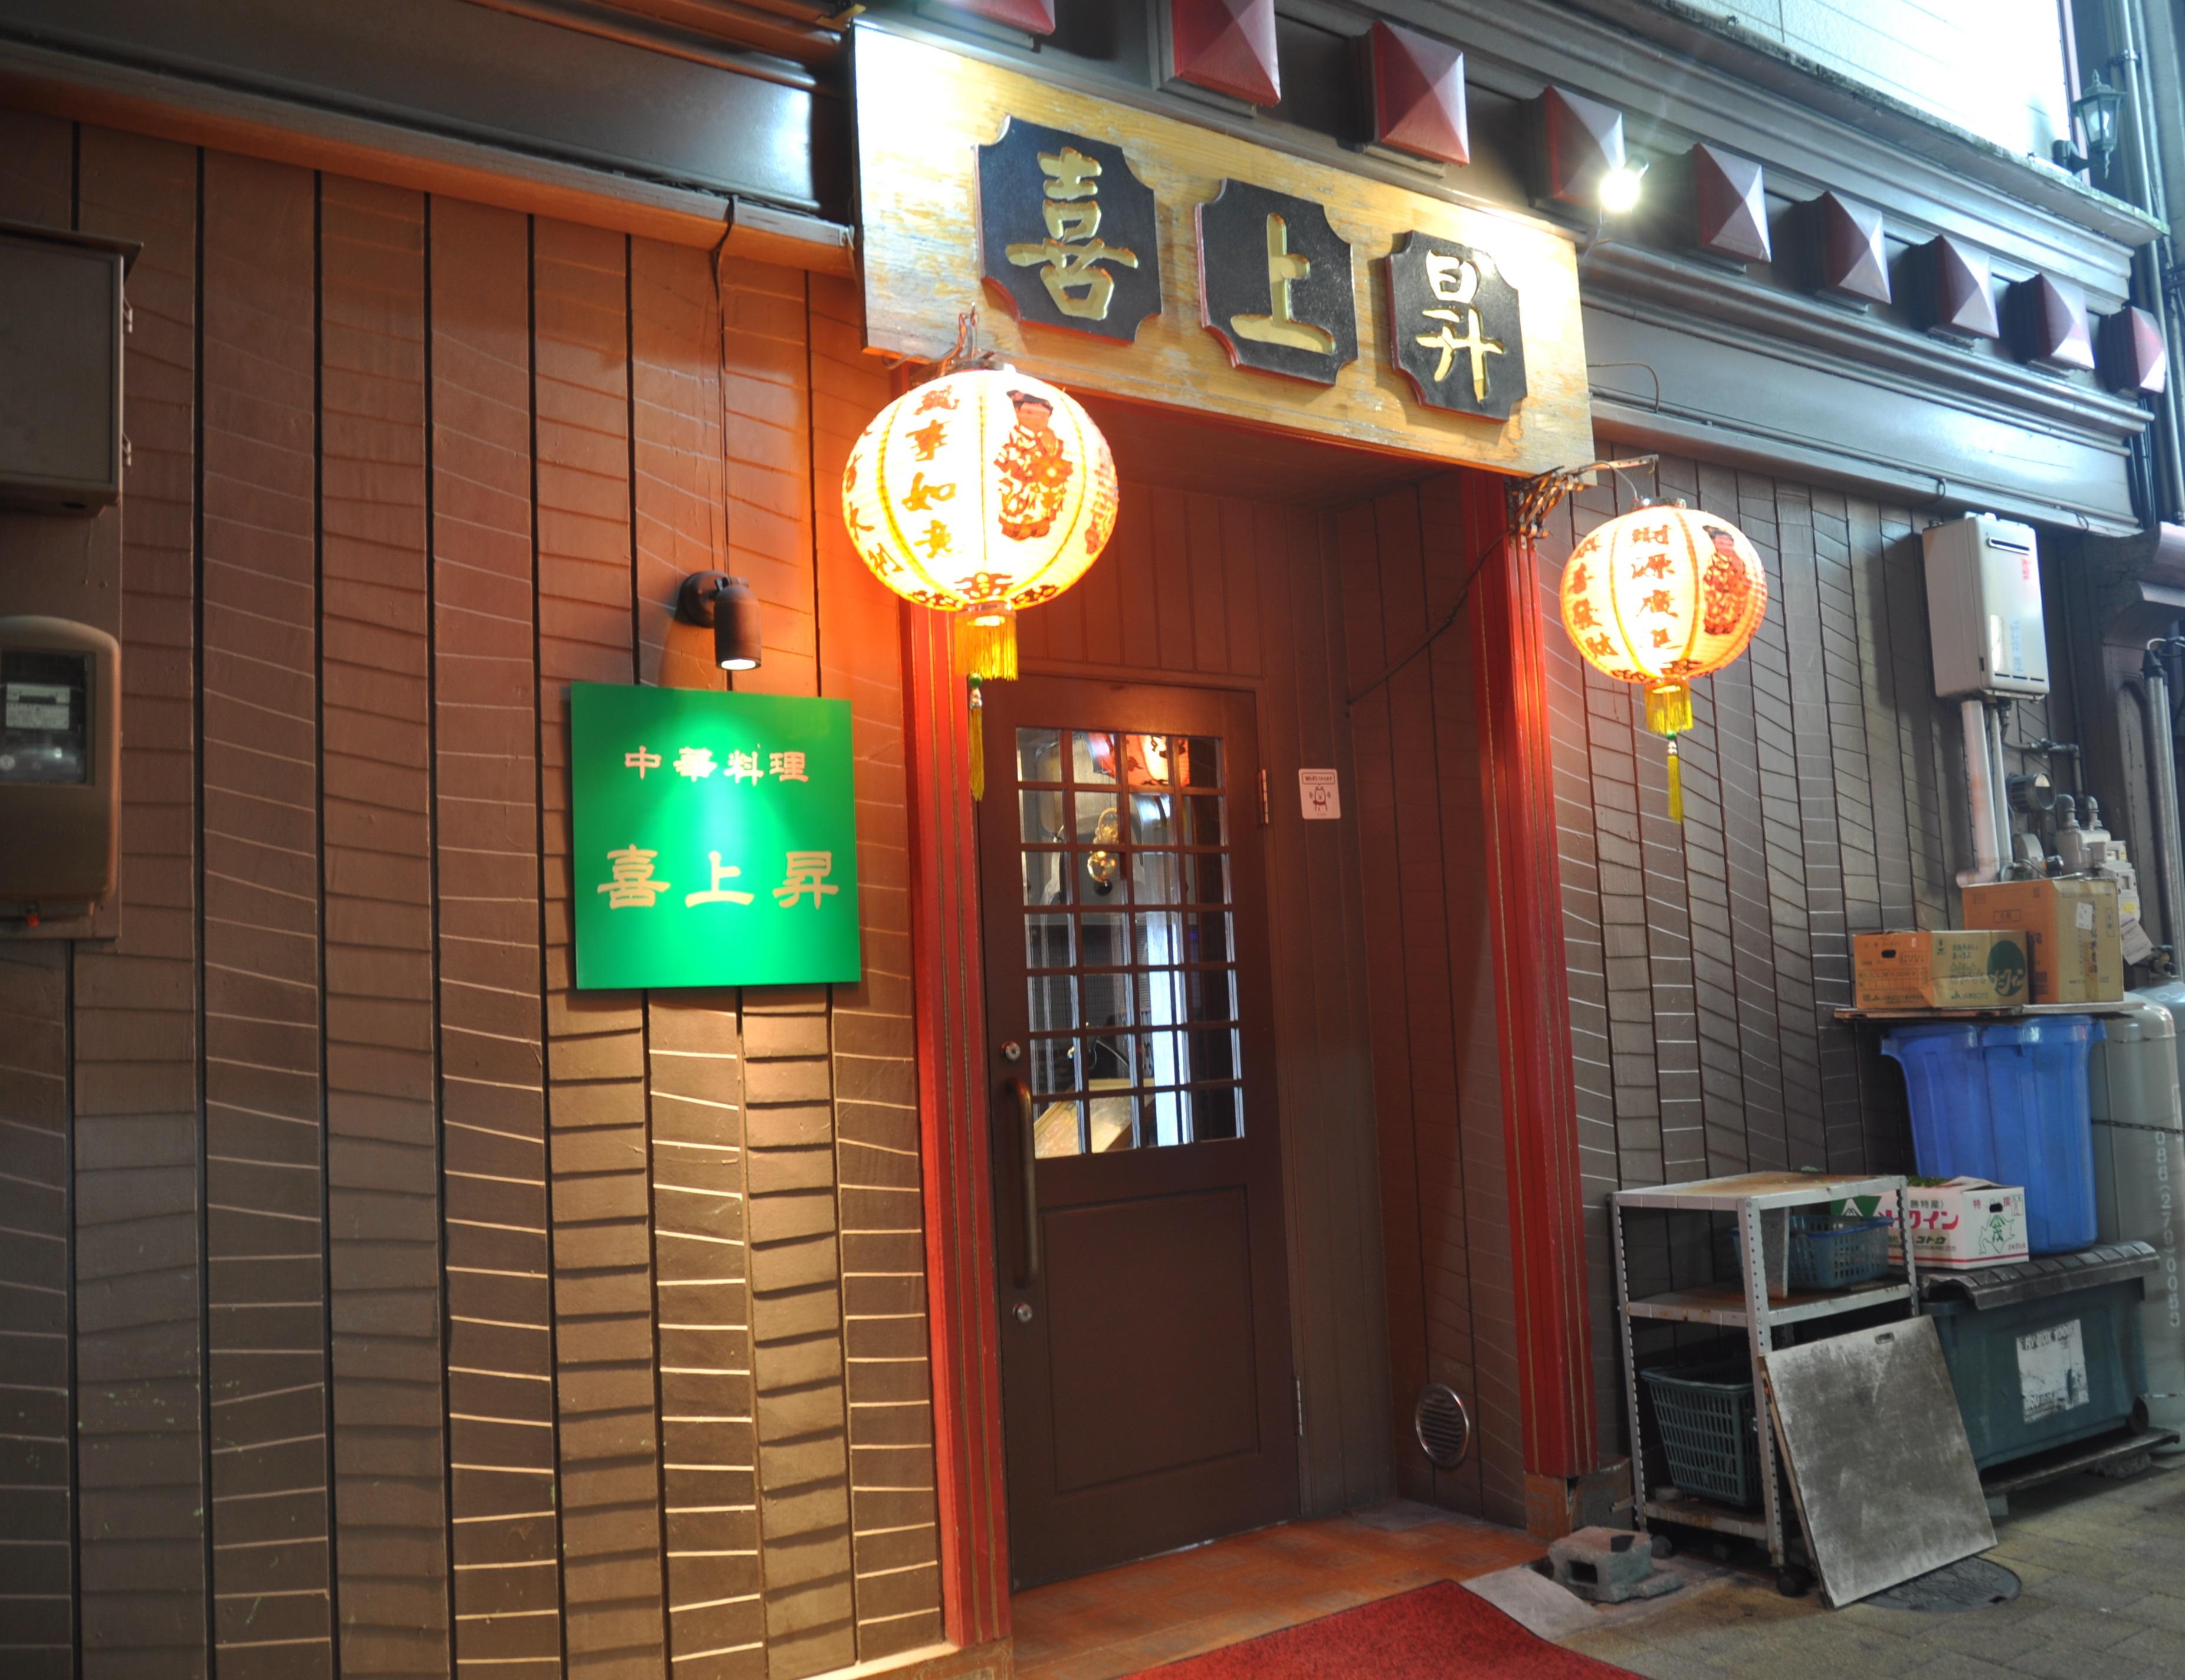 岡山市 飲食店 中華料理 喜上昇の店舗画像2